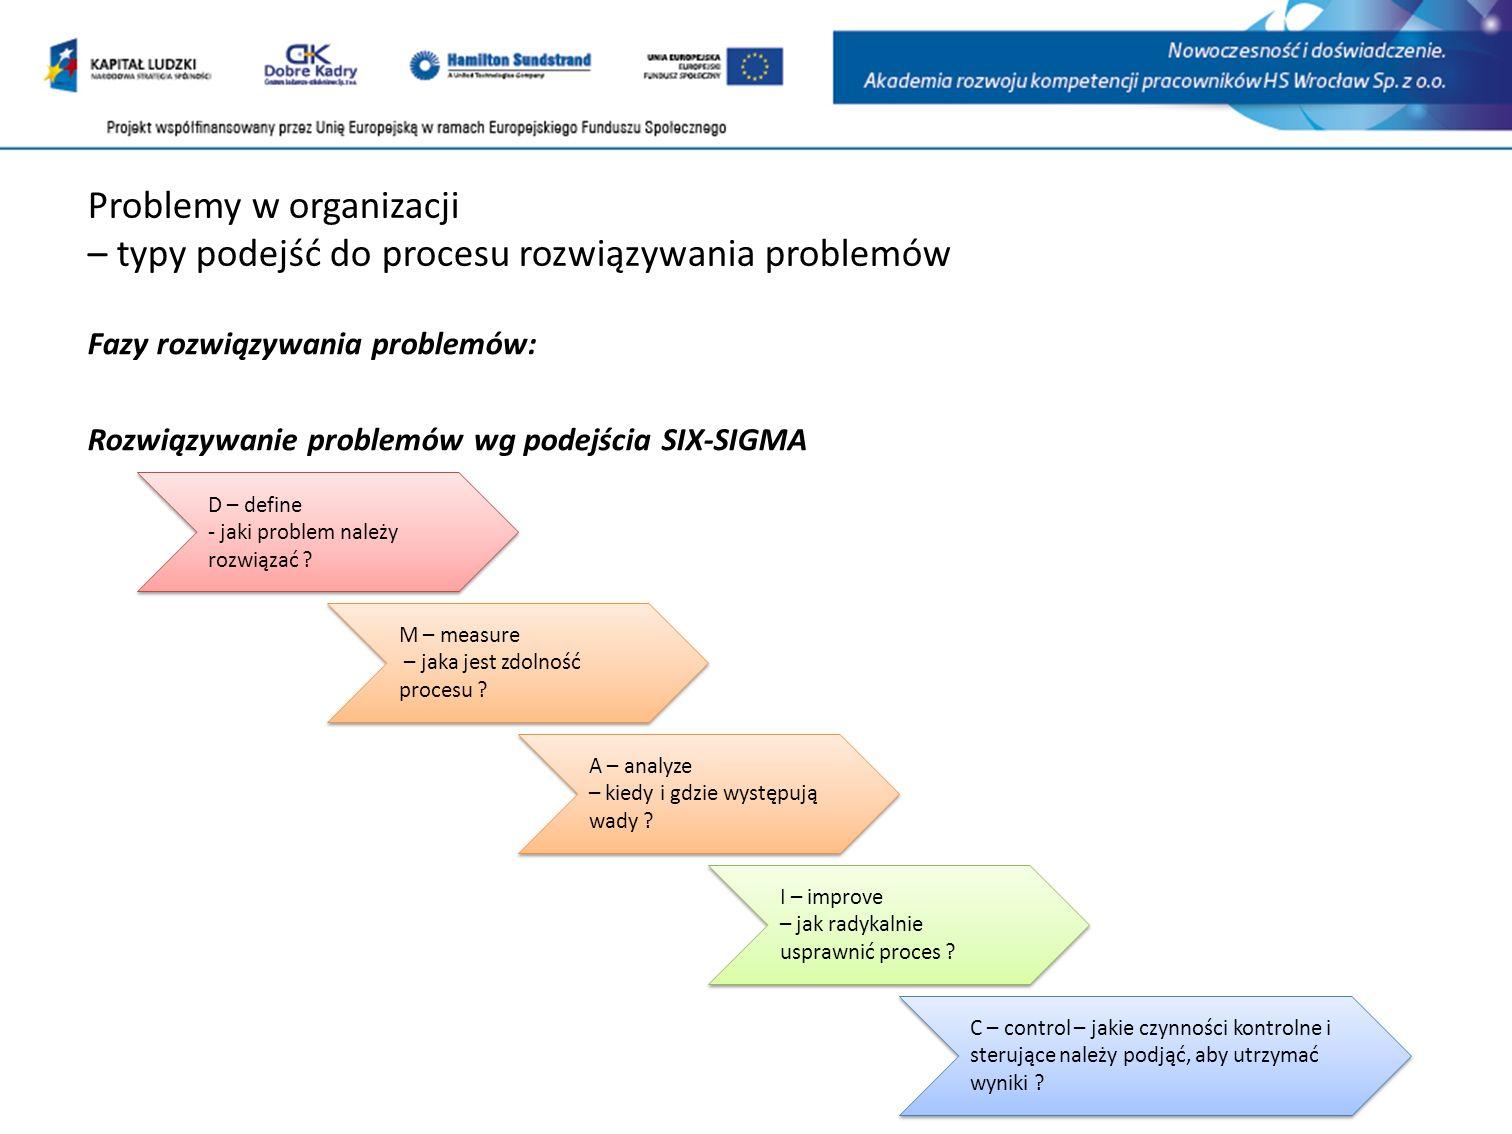 Problemy w organizacji – typy podejść do procesu rozwiązywania problemów